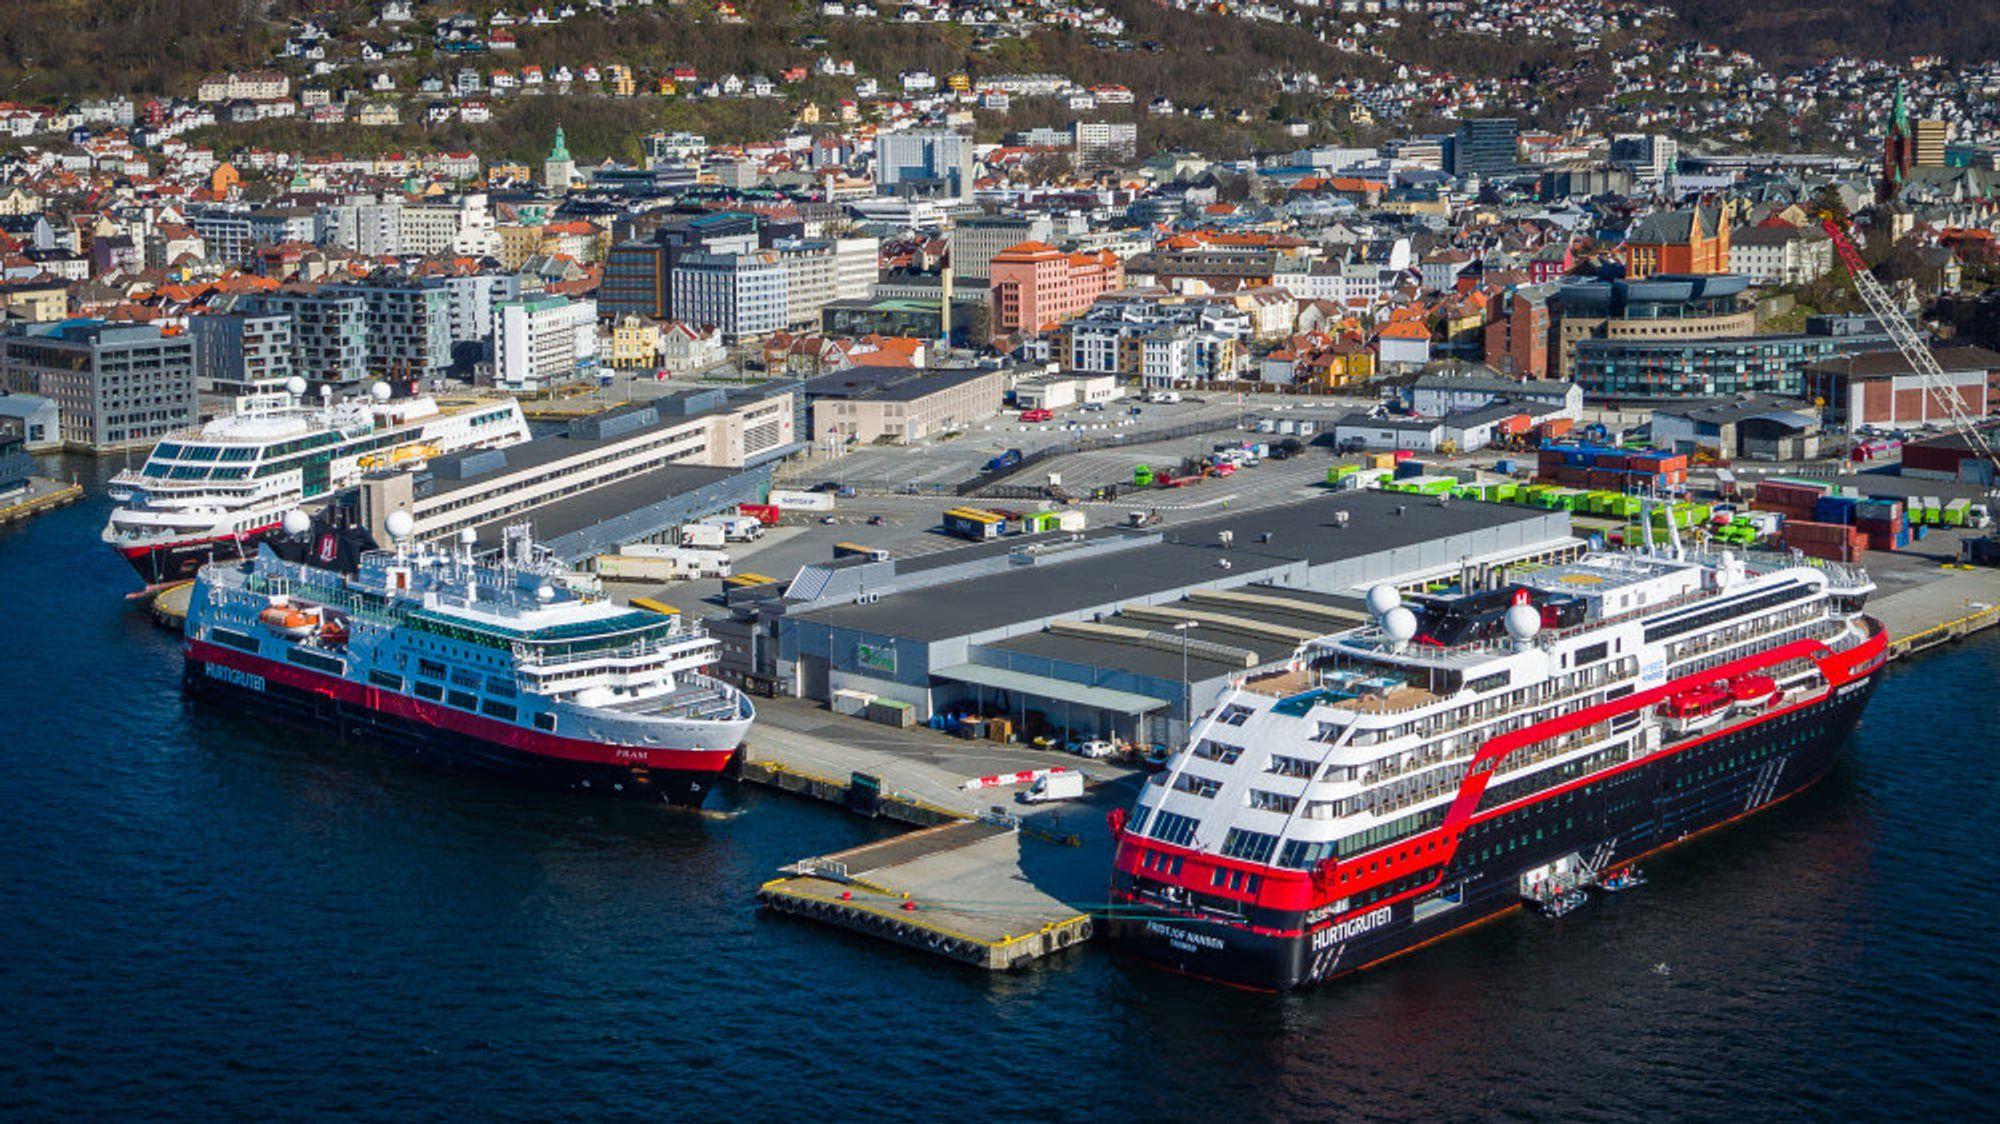 Korona-opplag. MS Midnatsol (fra venstre), MS Fram og MS Fridtjof Nansen ved kai i Bergen i april.